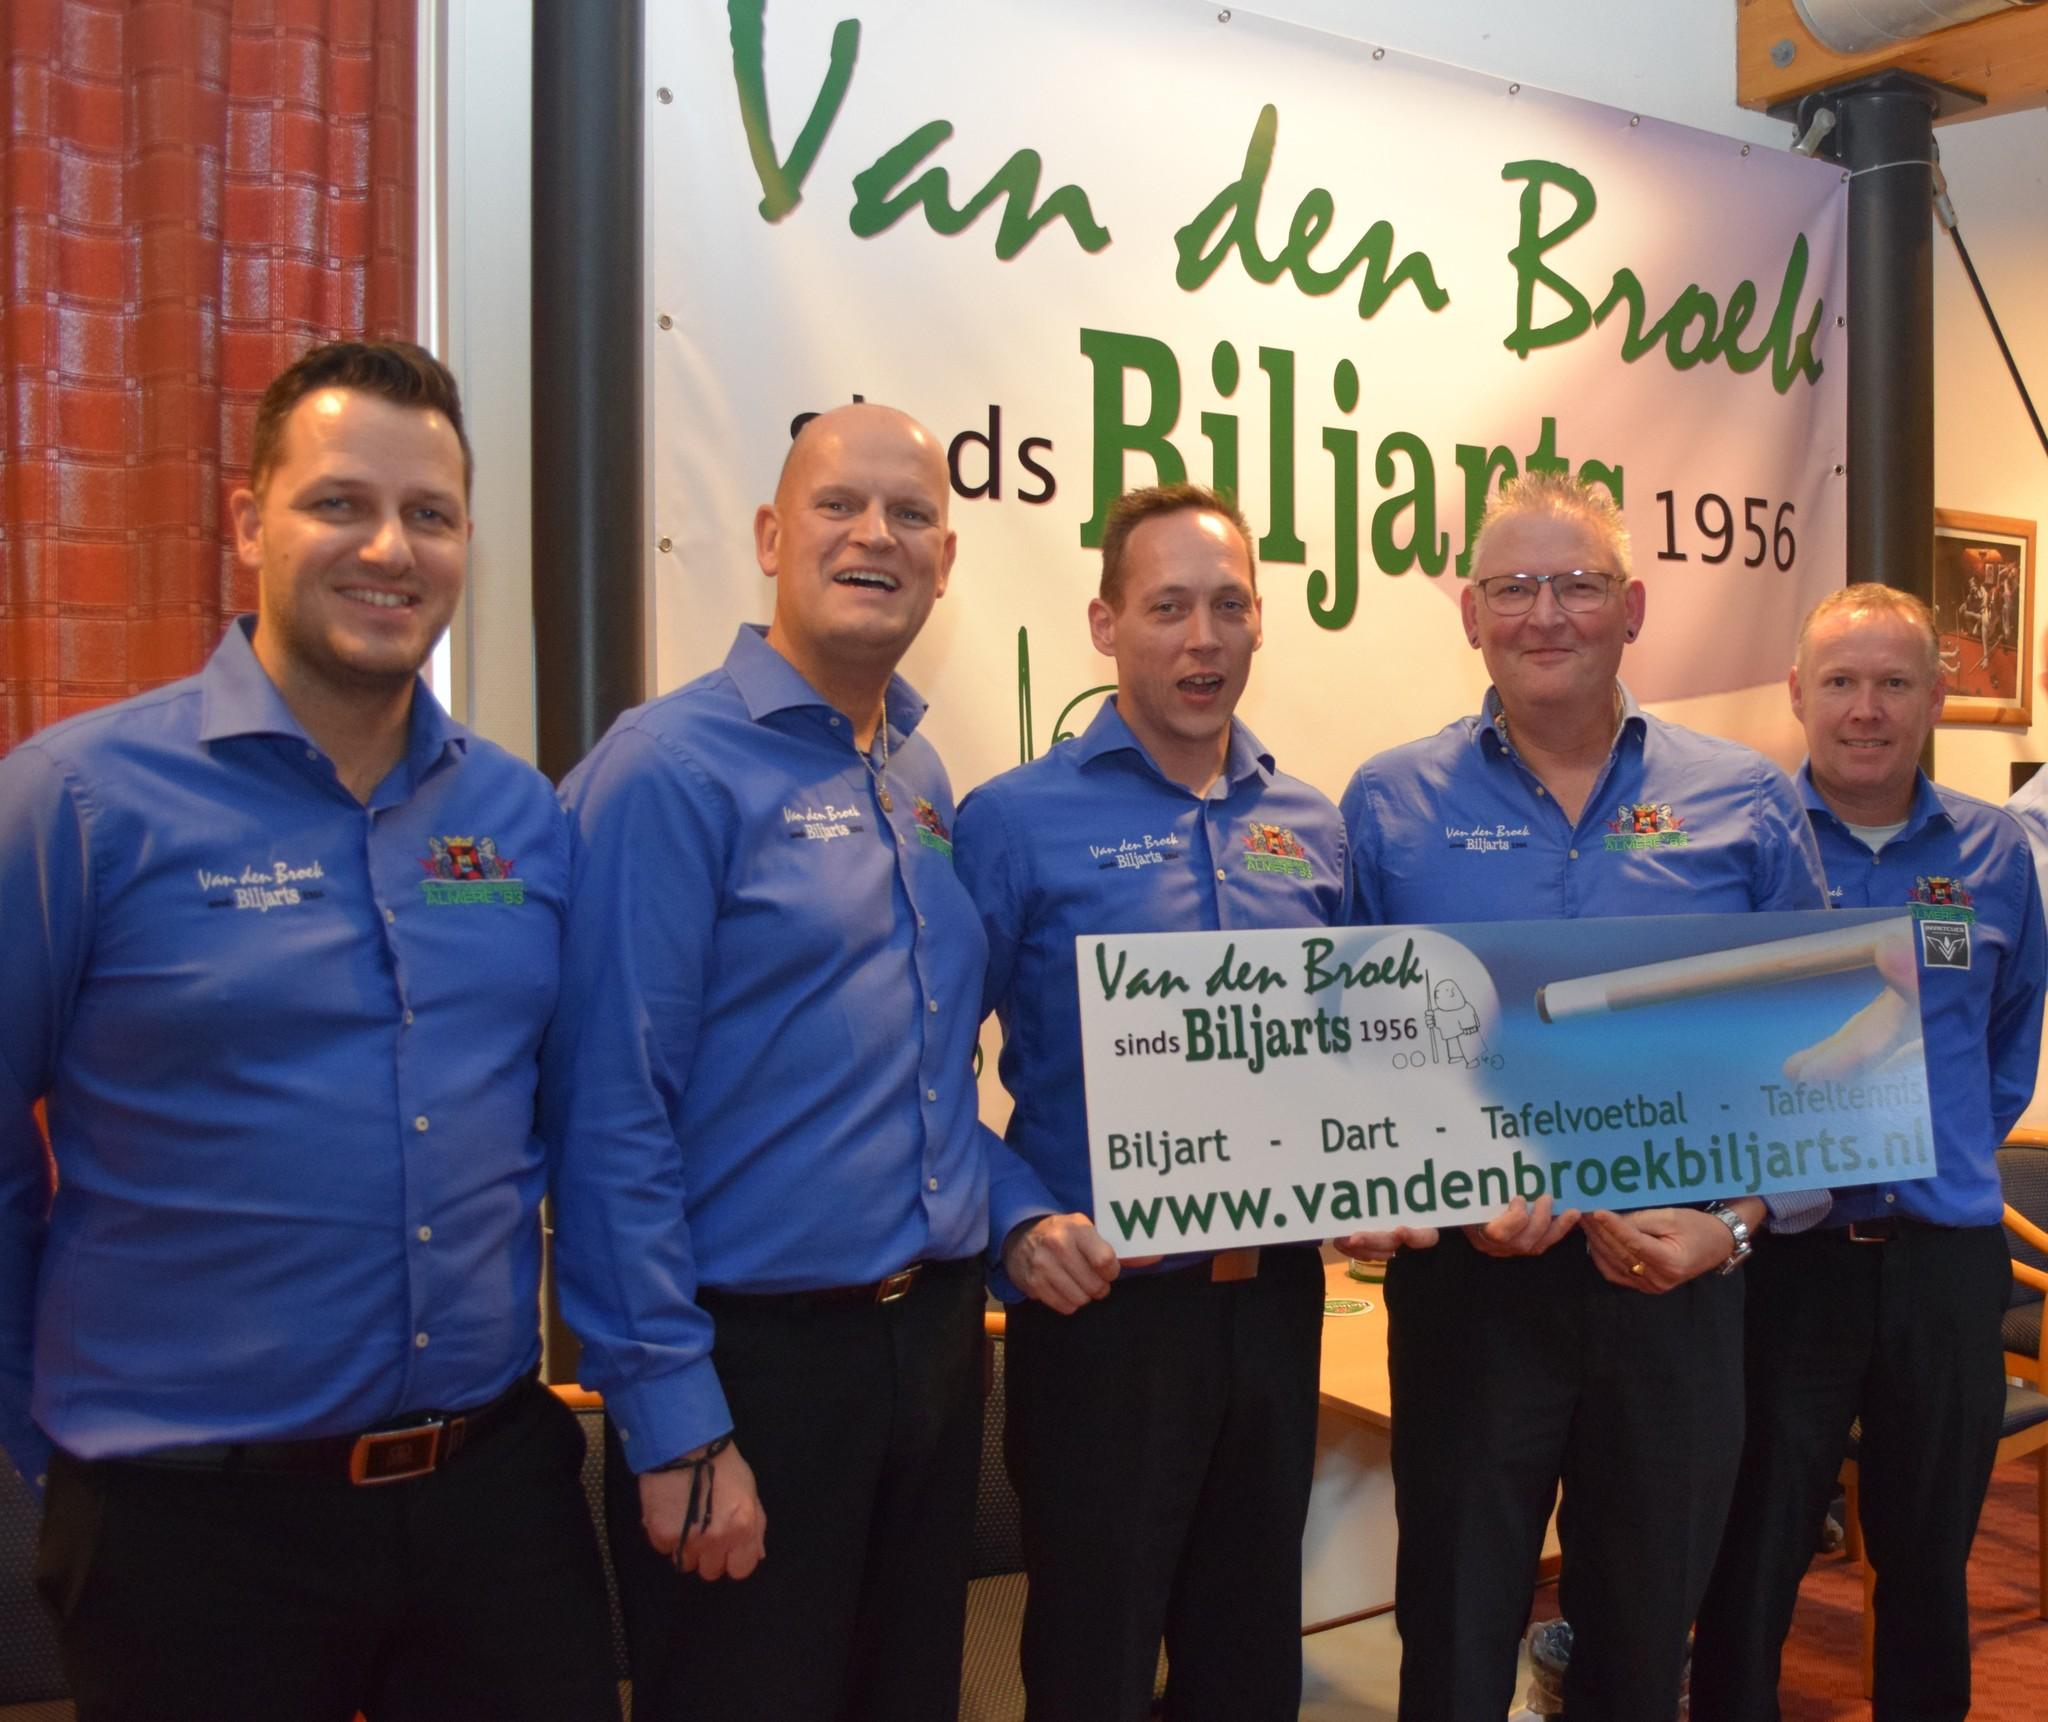 Top team Van den Broek Biljarts/ Almere 83